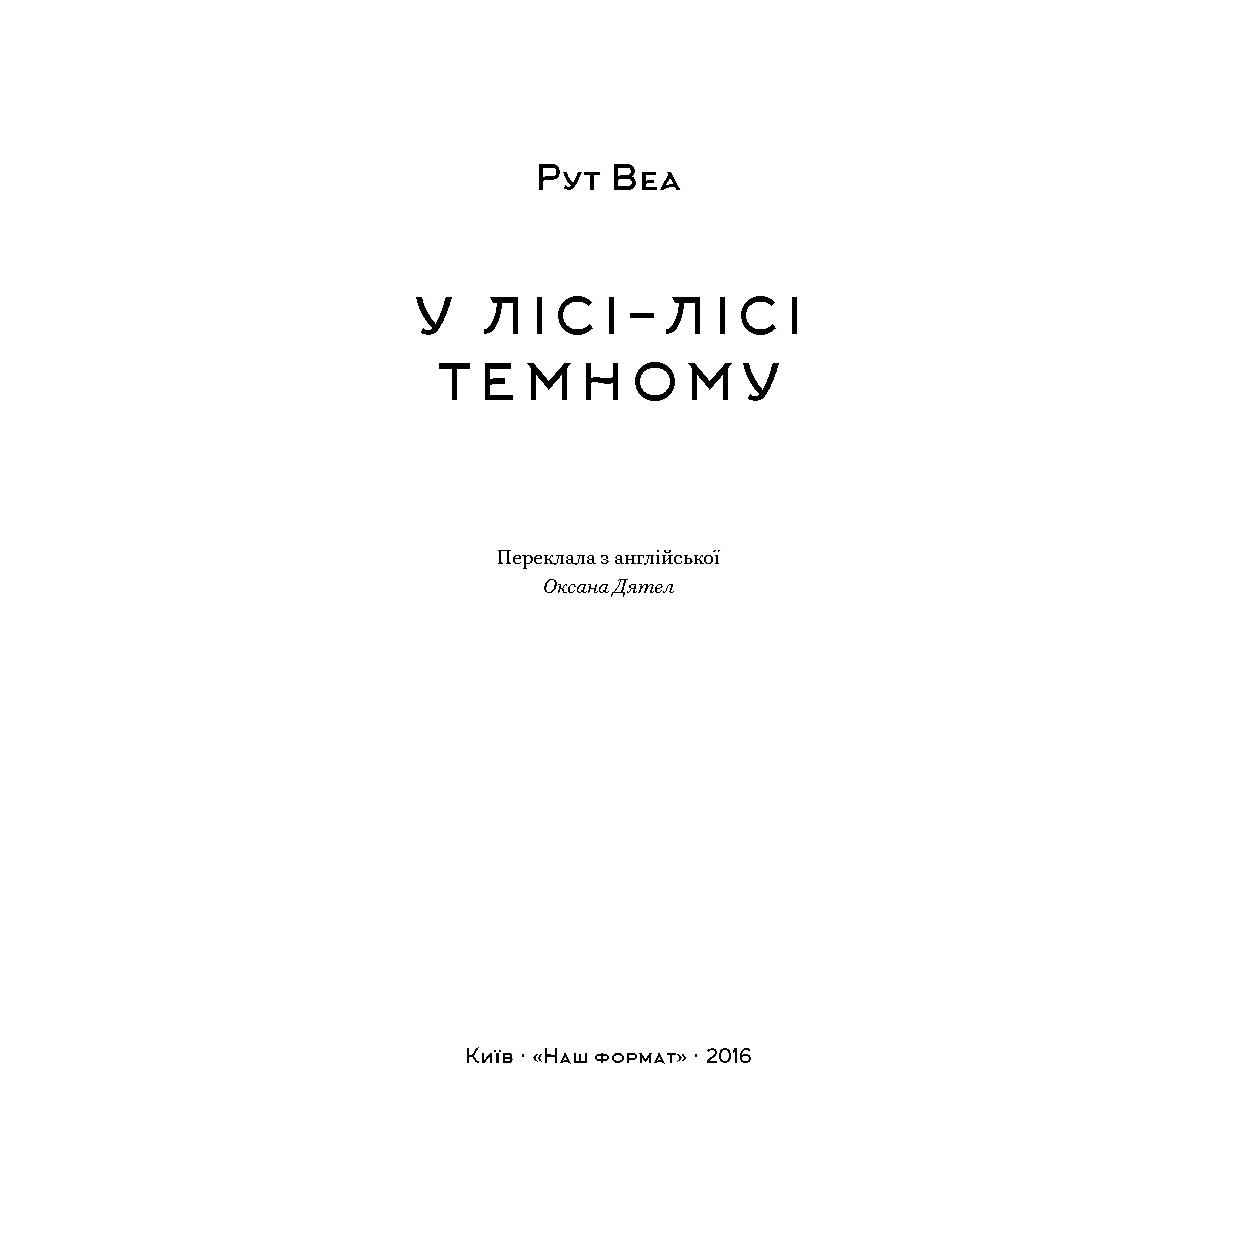 068_ware-ruth_u-lisi-lisi-temnomu01